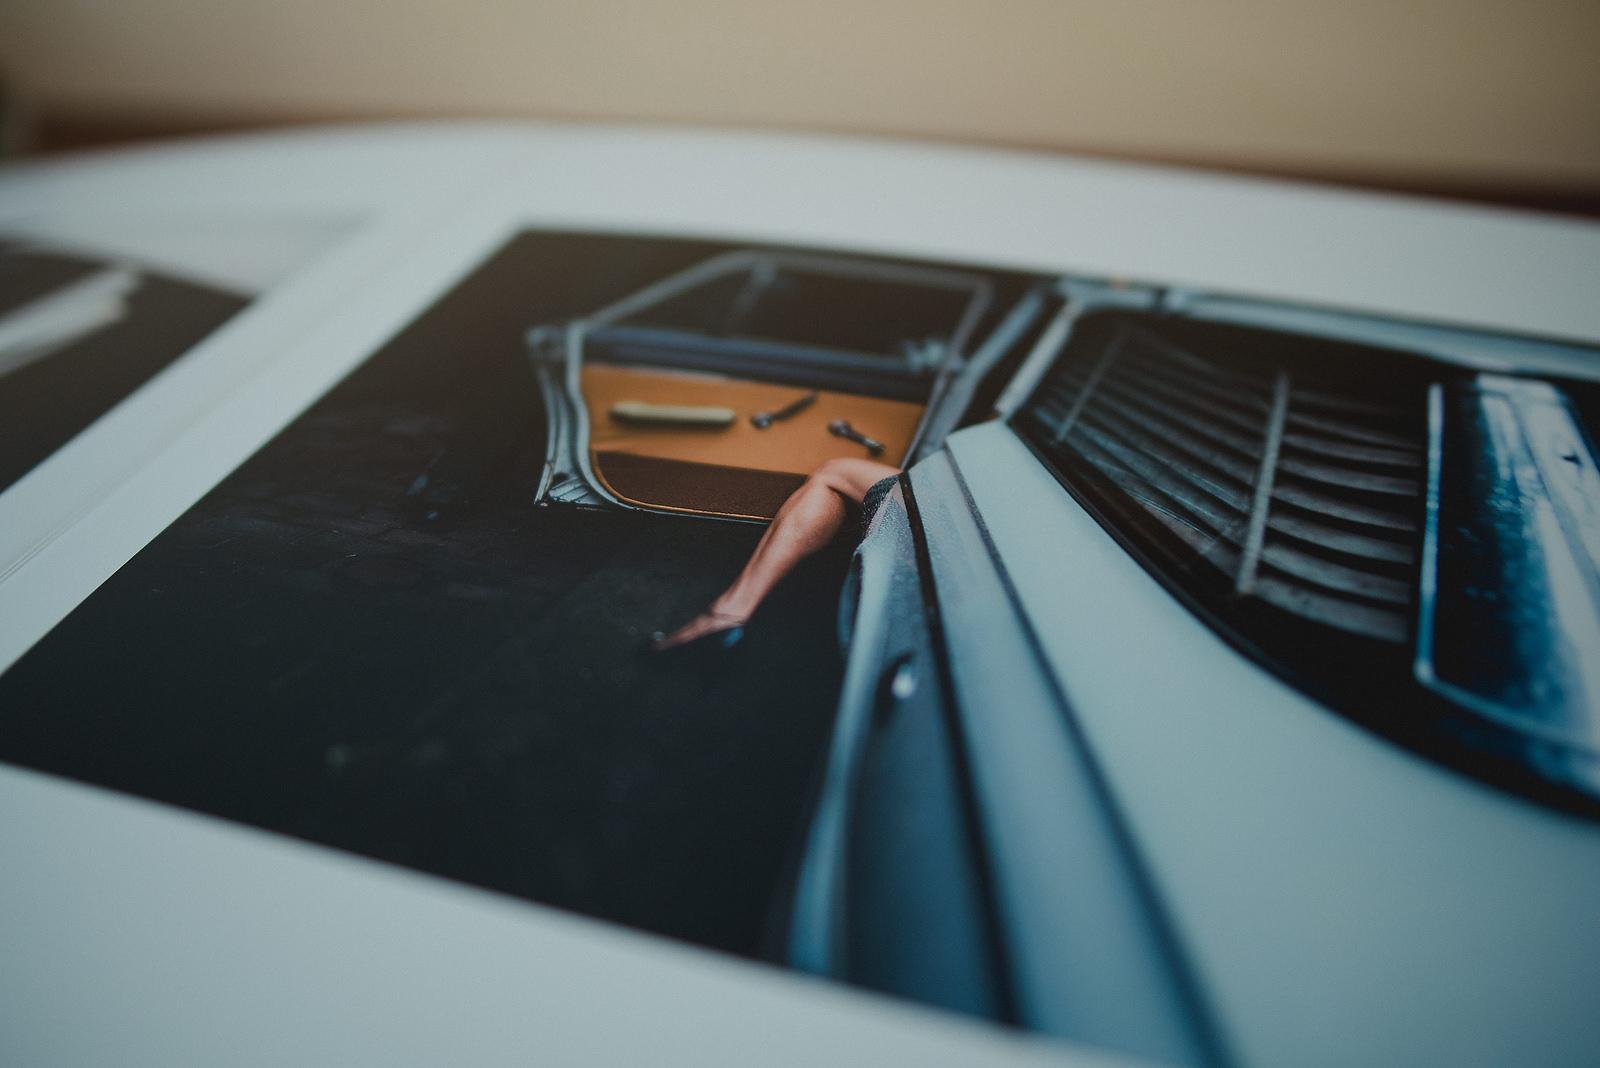 Fotograf Konstanz - Fine Art Hochzeitsalbum Album Fotoalbum EFP 14 - Wedding Albums  - 37 -